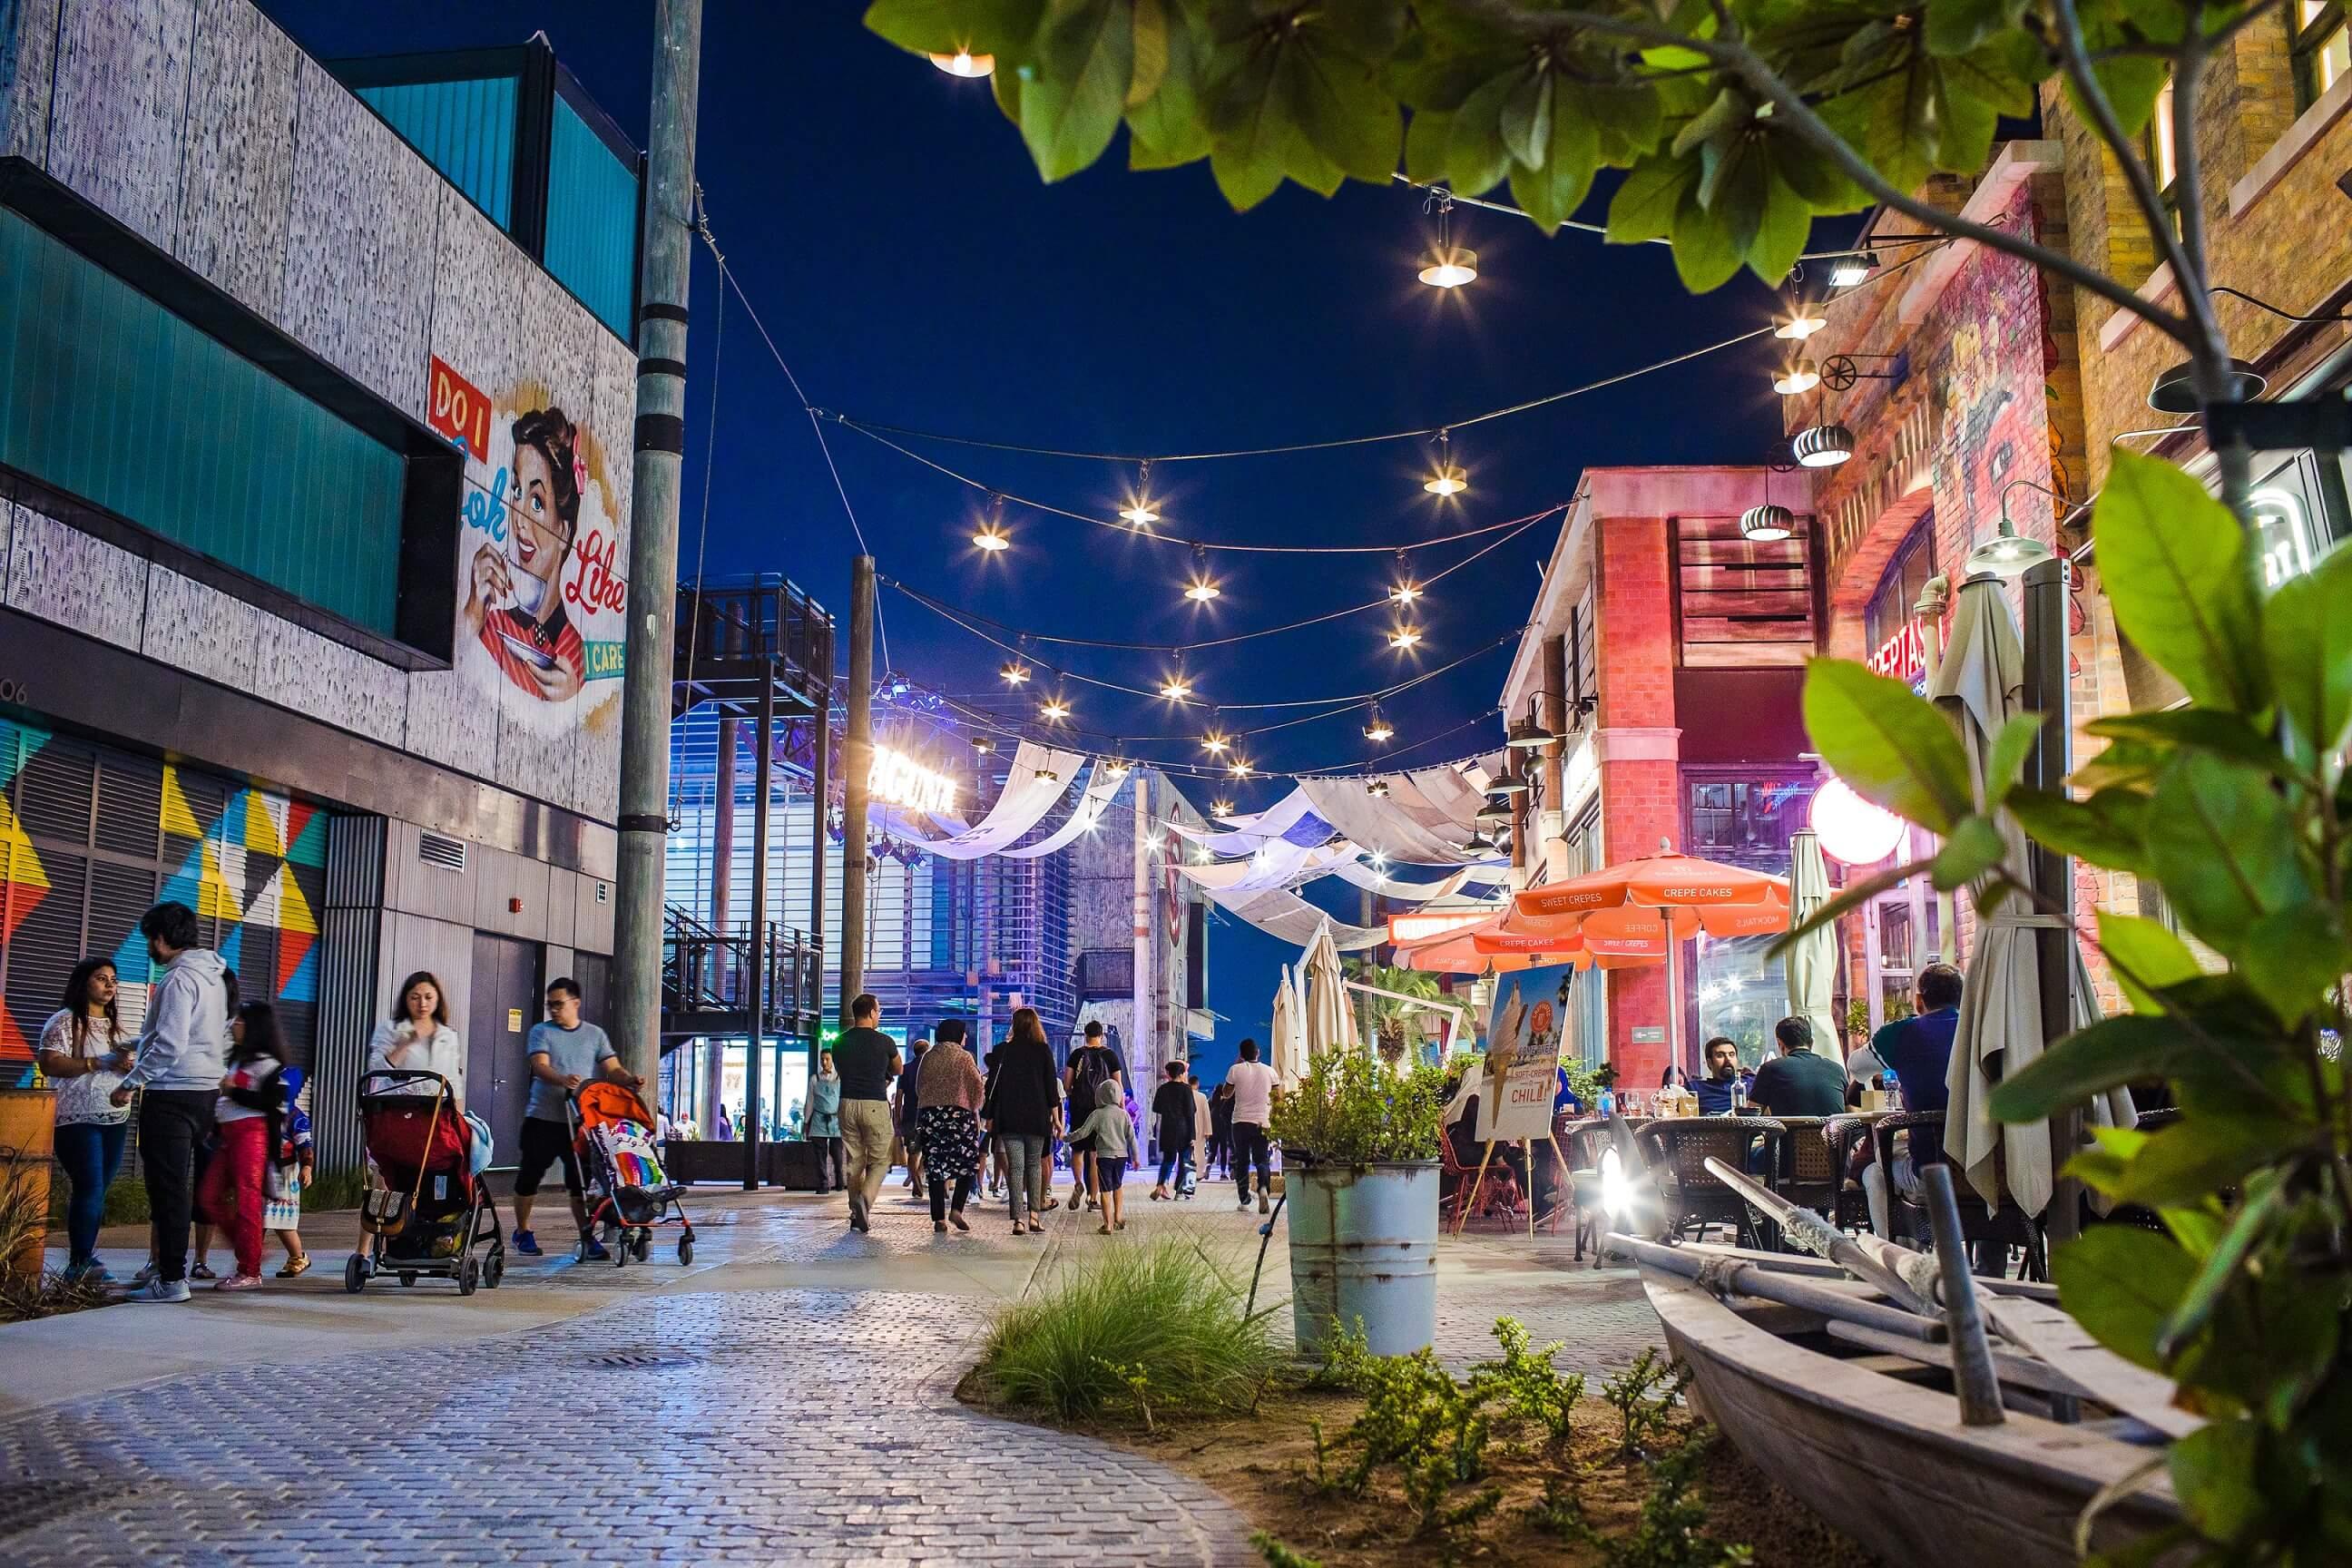 السنافر في لا مير خلال عطلة الربيع القادمة 2019